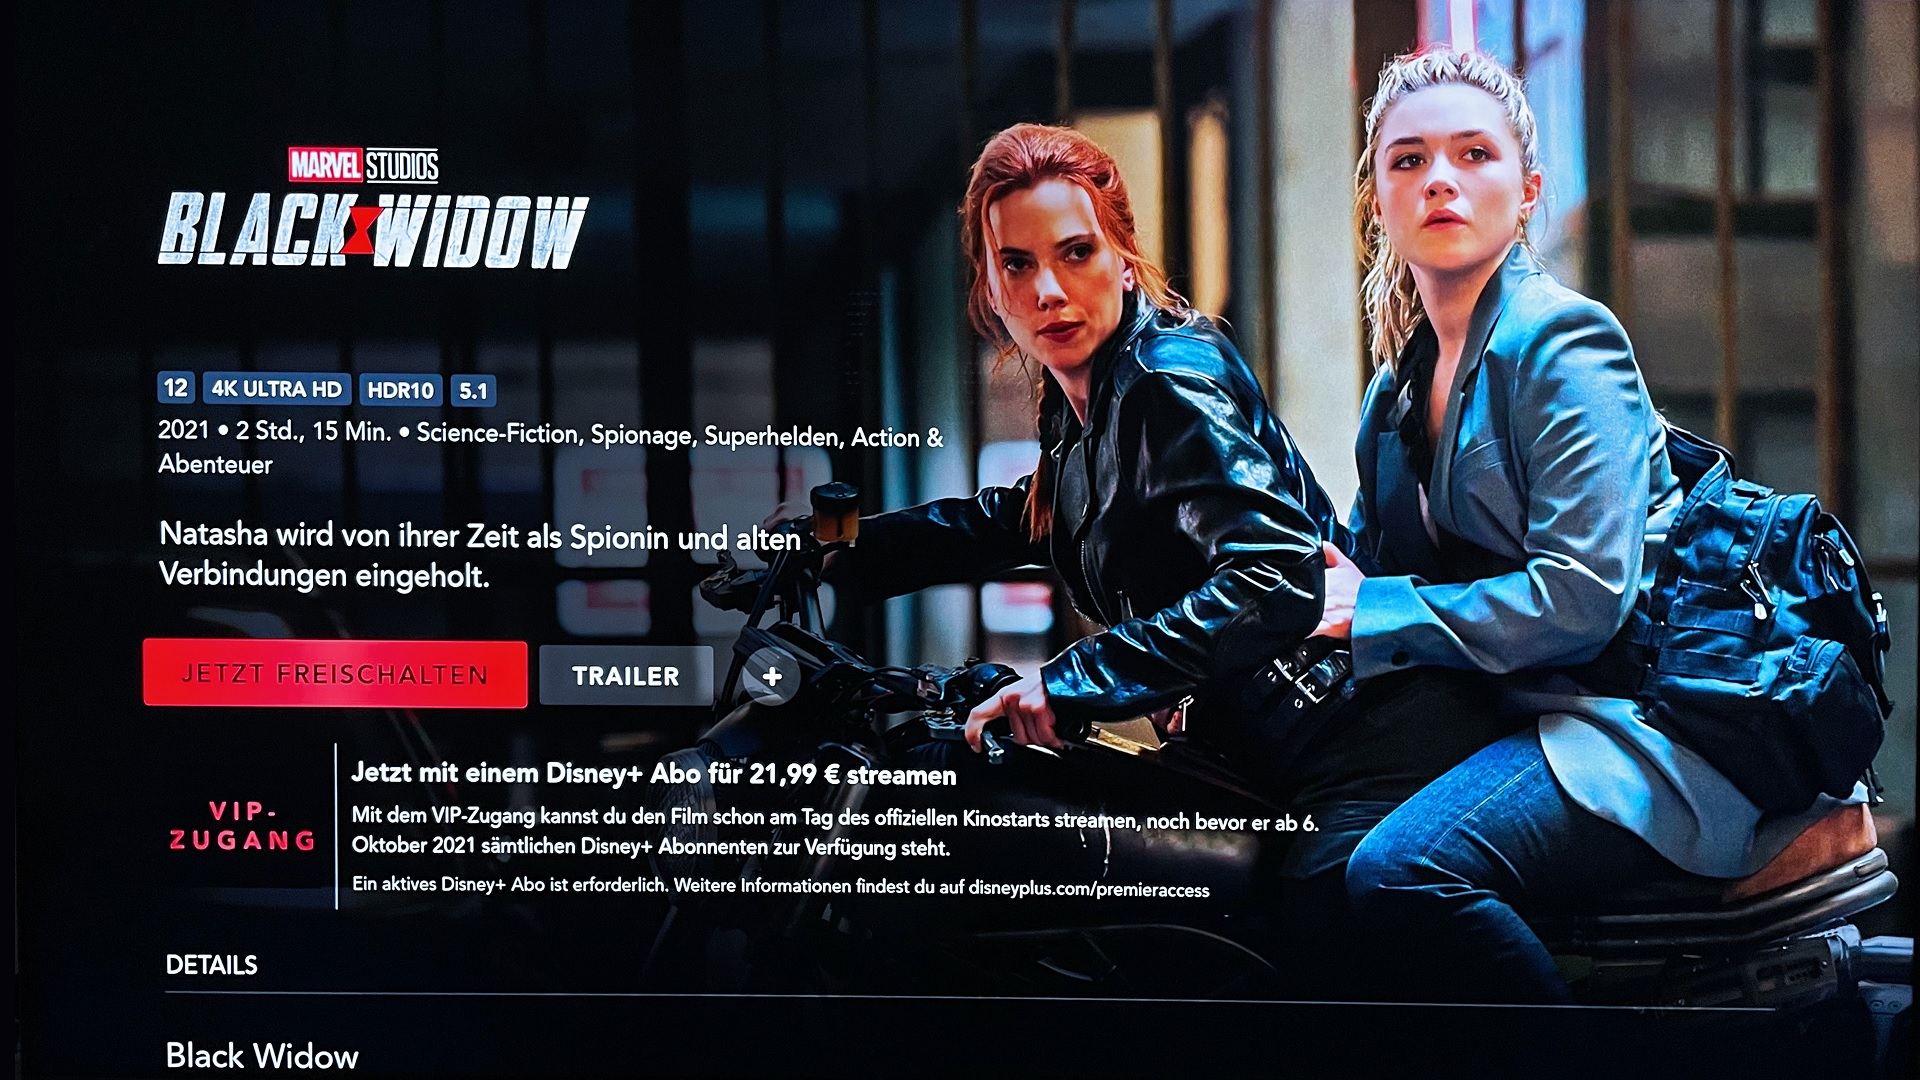 Disney+ Black Widow VIP-Zugang